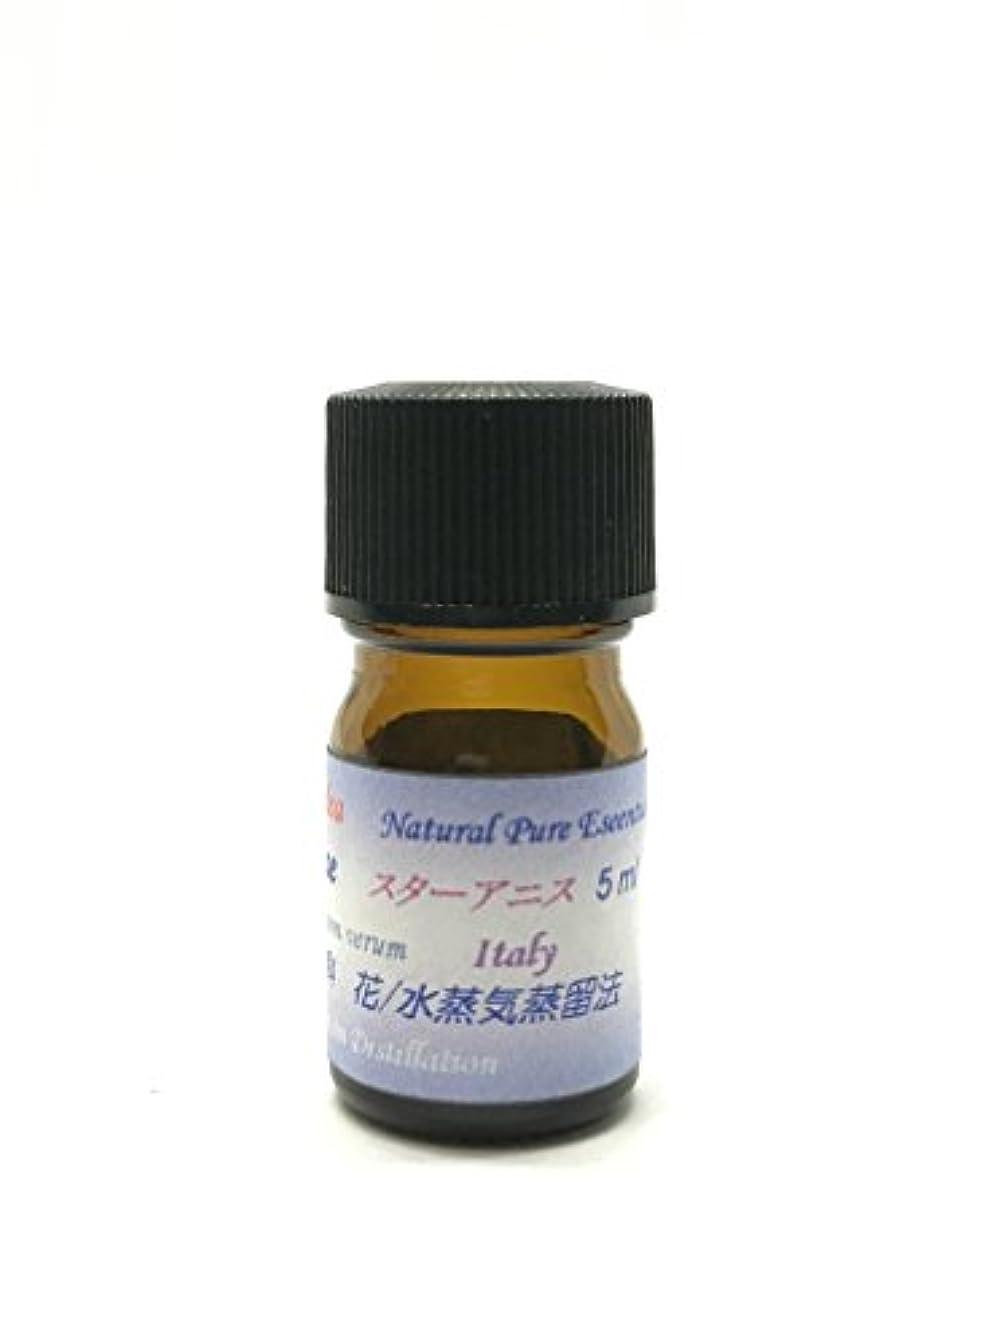 士気想像力豊かなリッチアニシードエッセンシャルオイル精油 ピュアエッセンシャルオイル (30ml)